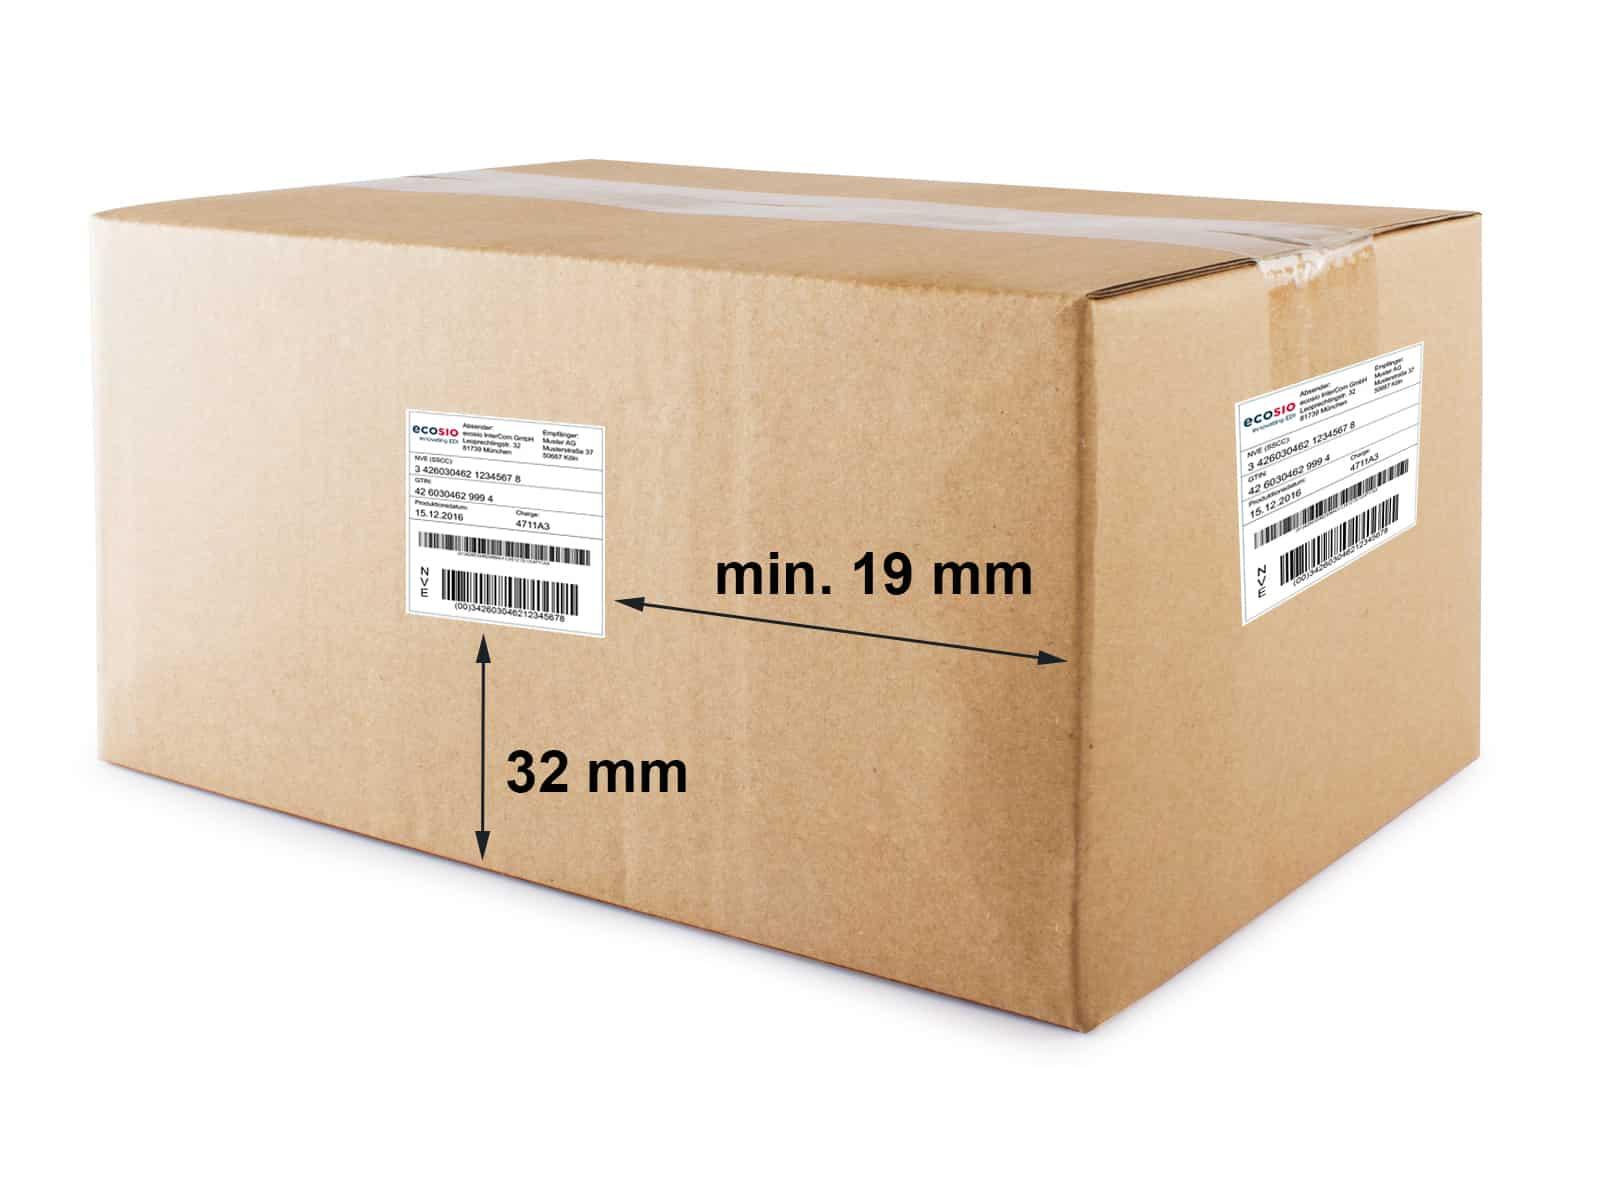 Beispiel für ein NVE-Etikett auf einem Karton